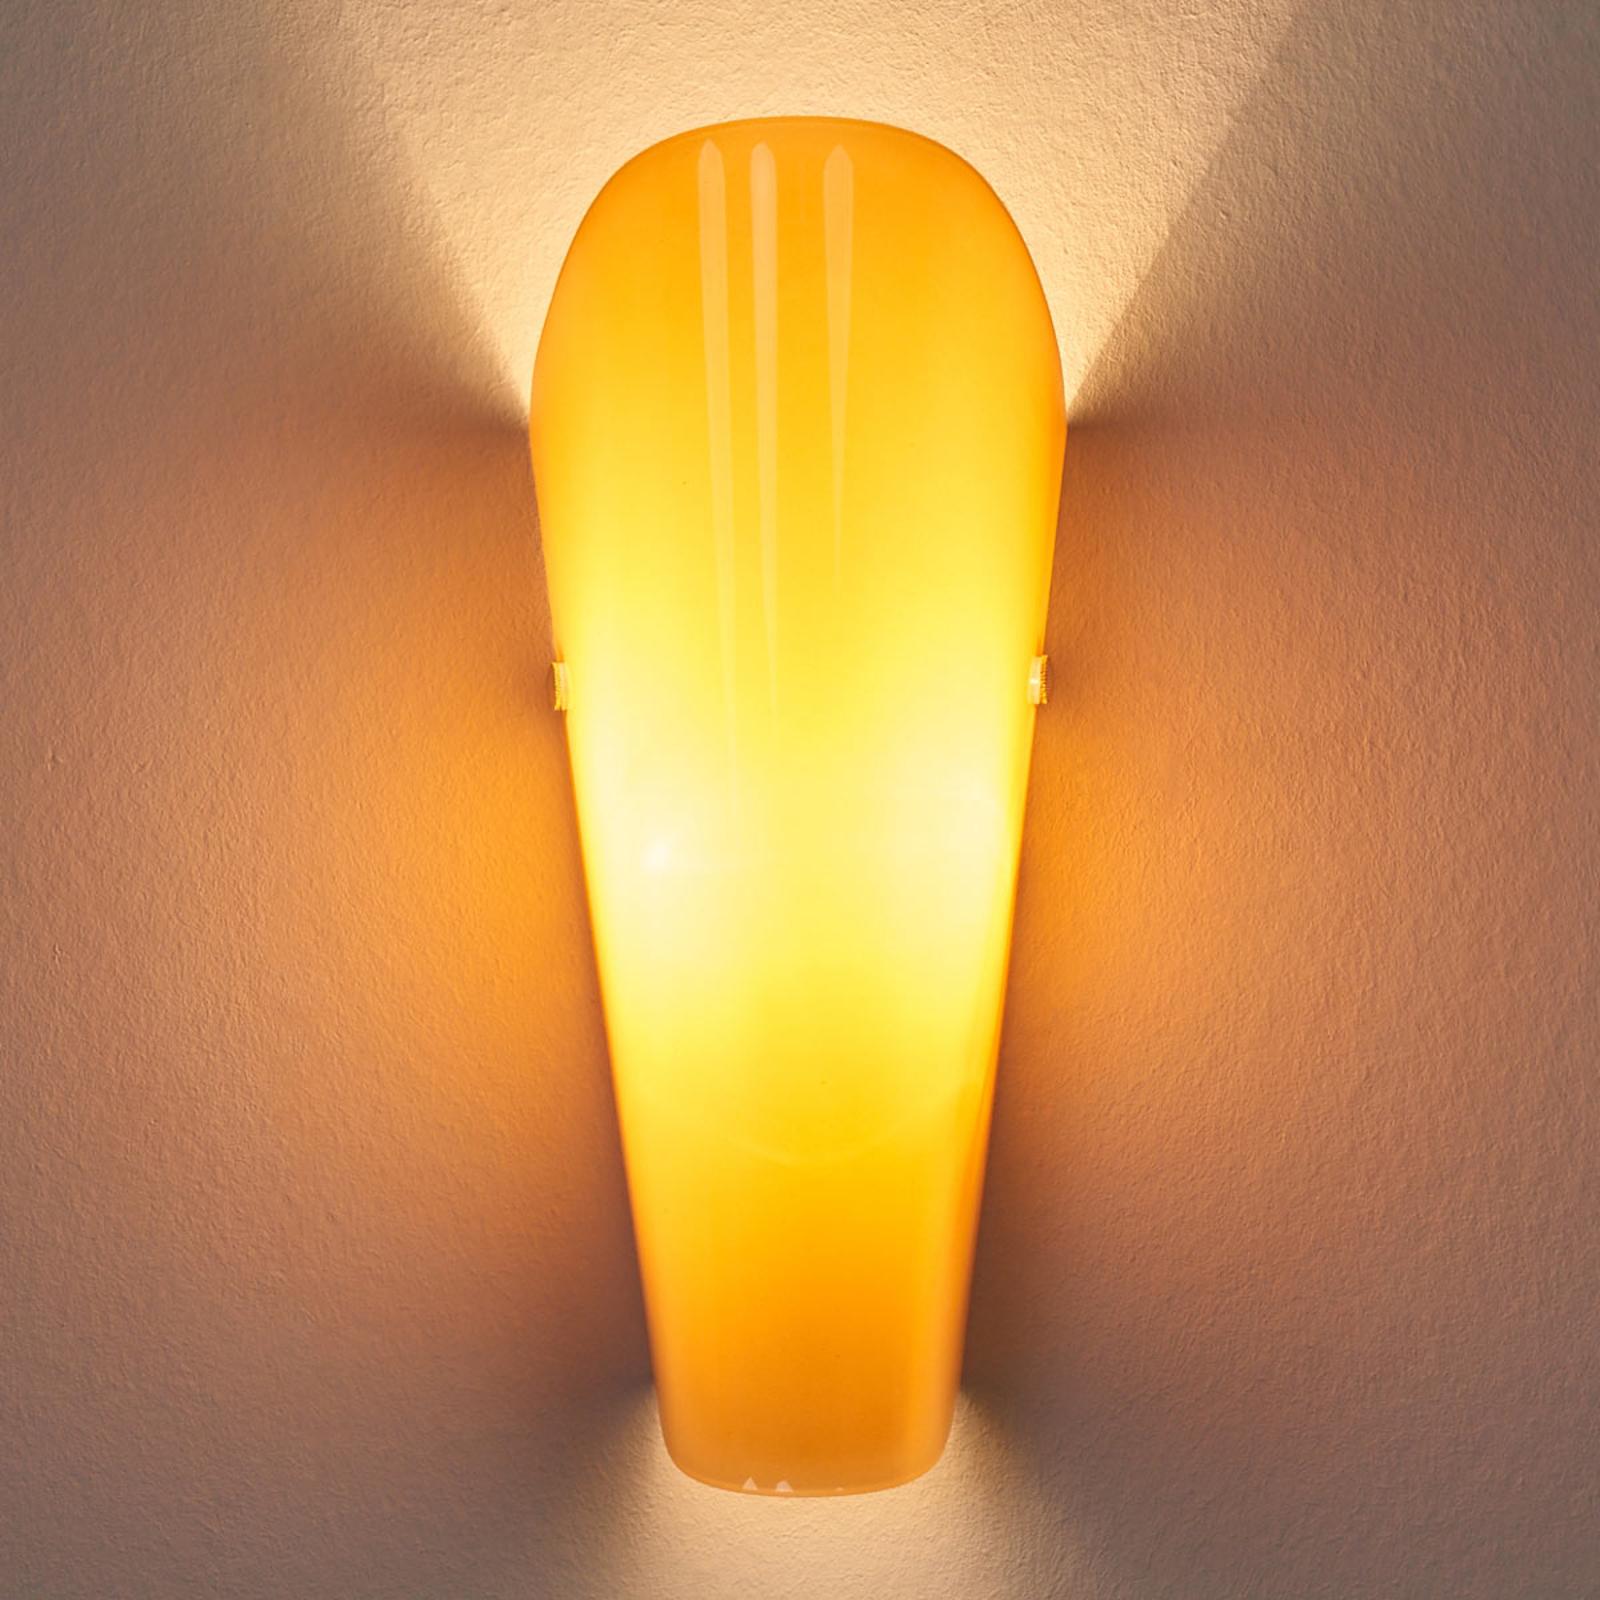 Bloom - applique in 8 colori, versione ambra